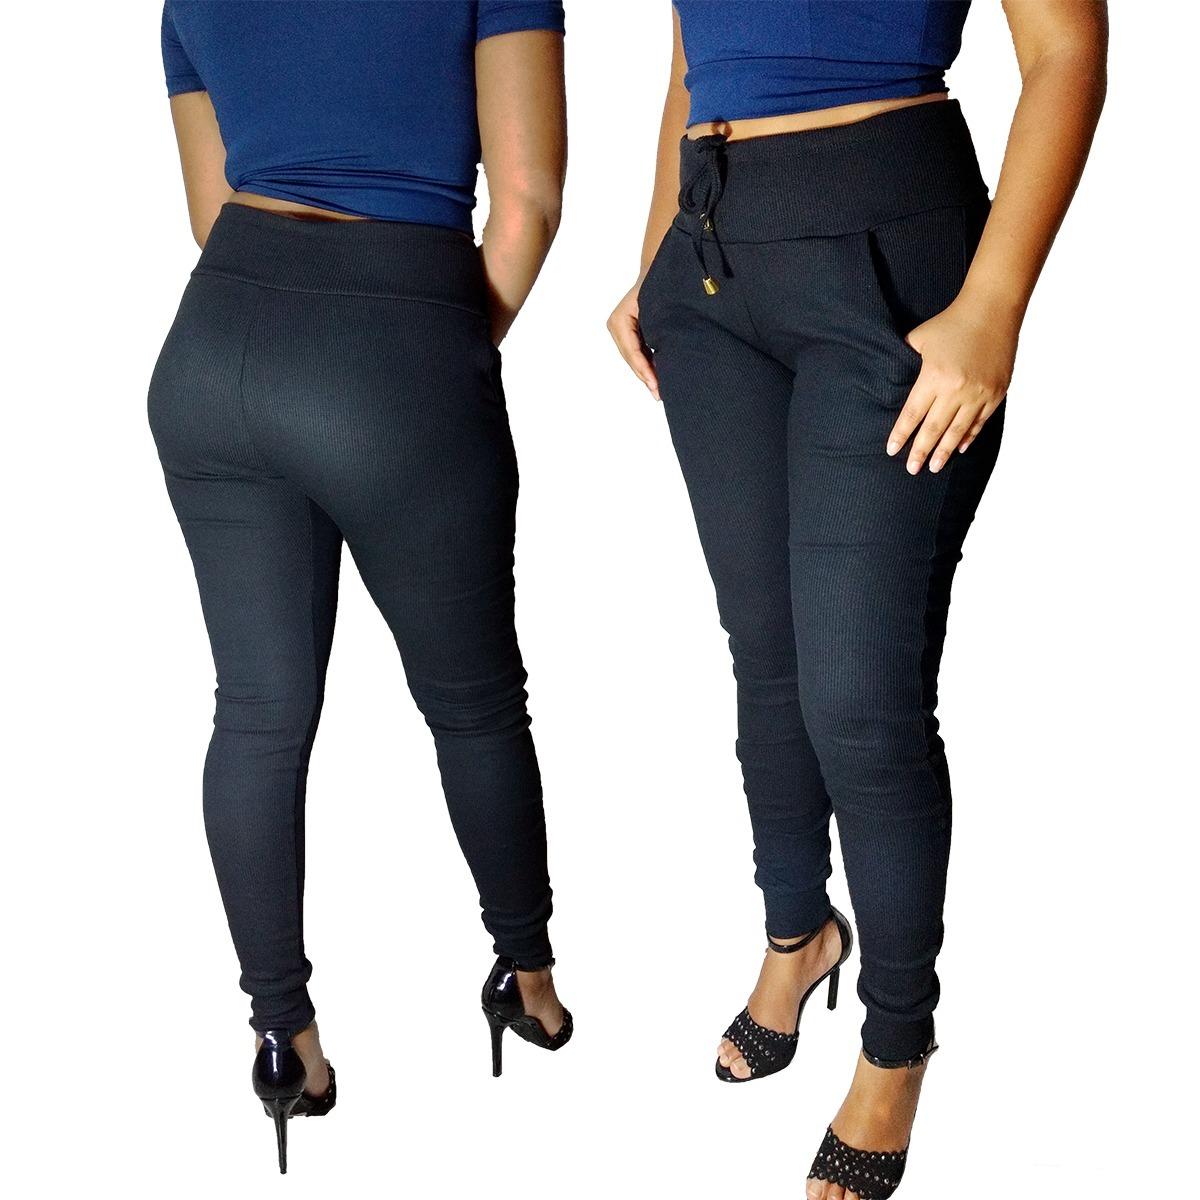 0c4d9a09d calca feminina ribana calça modeladora cintura alta top. Carregando zoom.